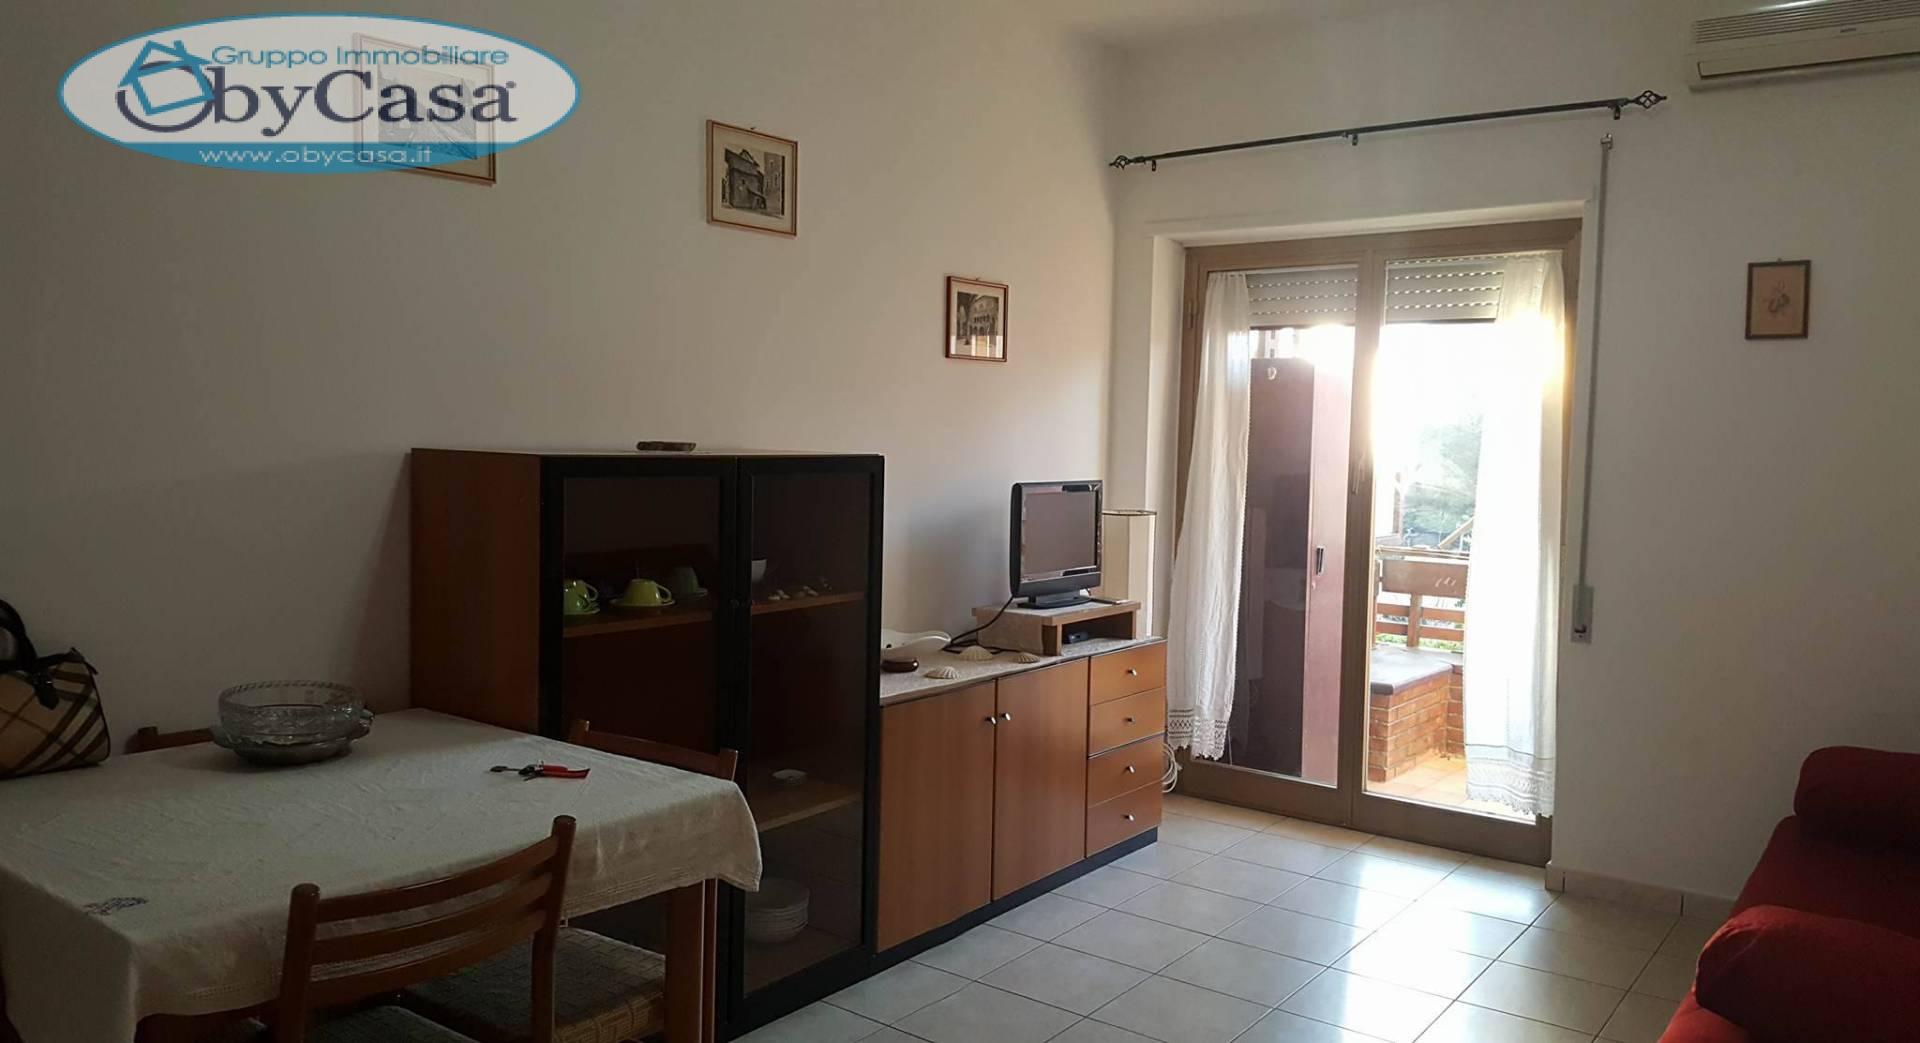 Bilocale Santa Marinella Via Mantegna 4